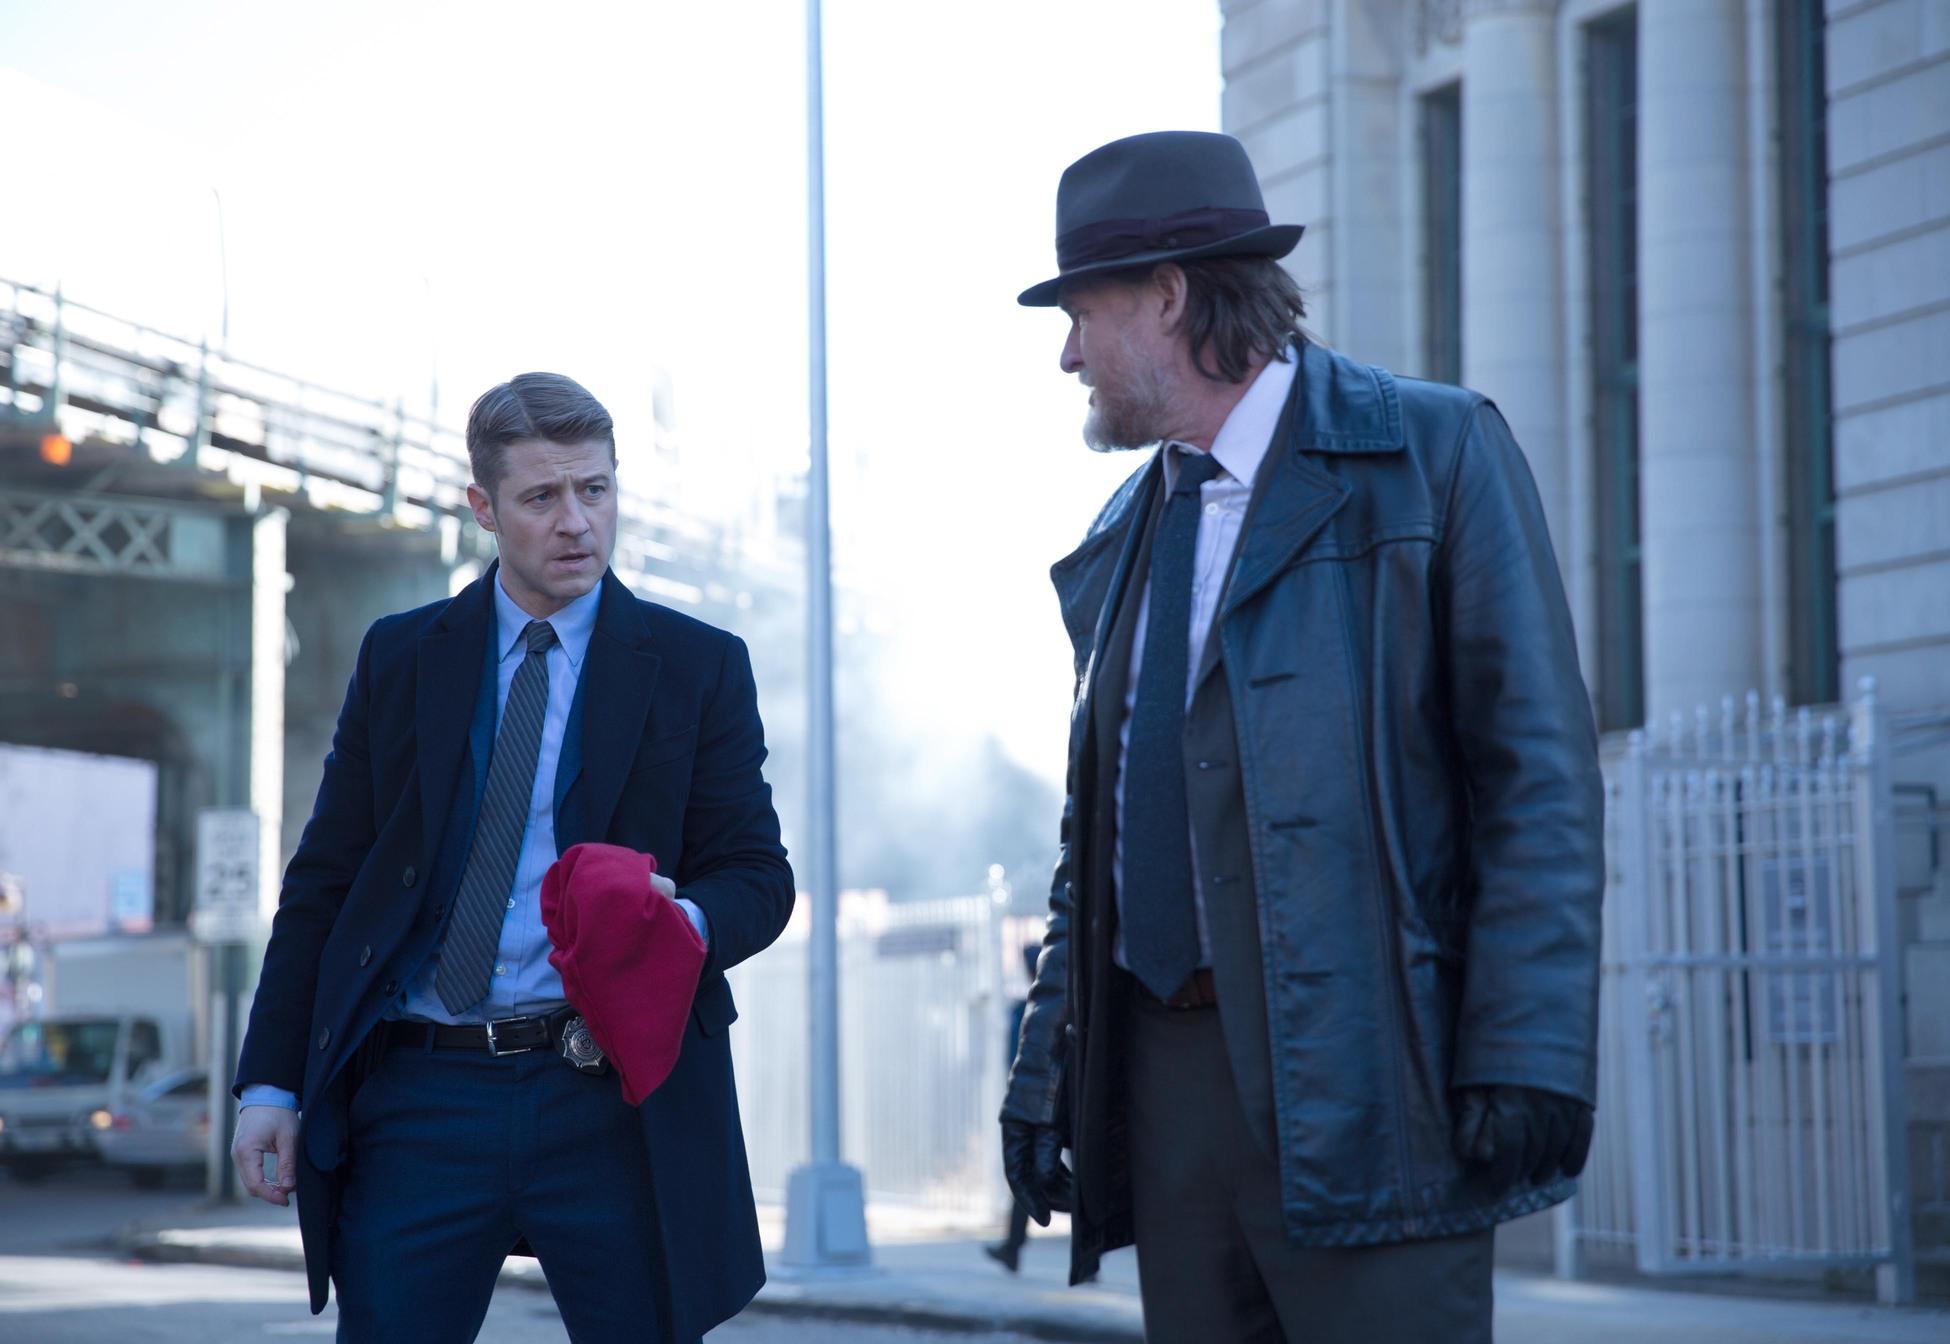 Gotham - Episode 1.17 - Red capuz, capa